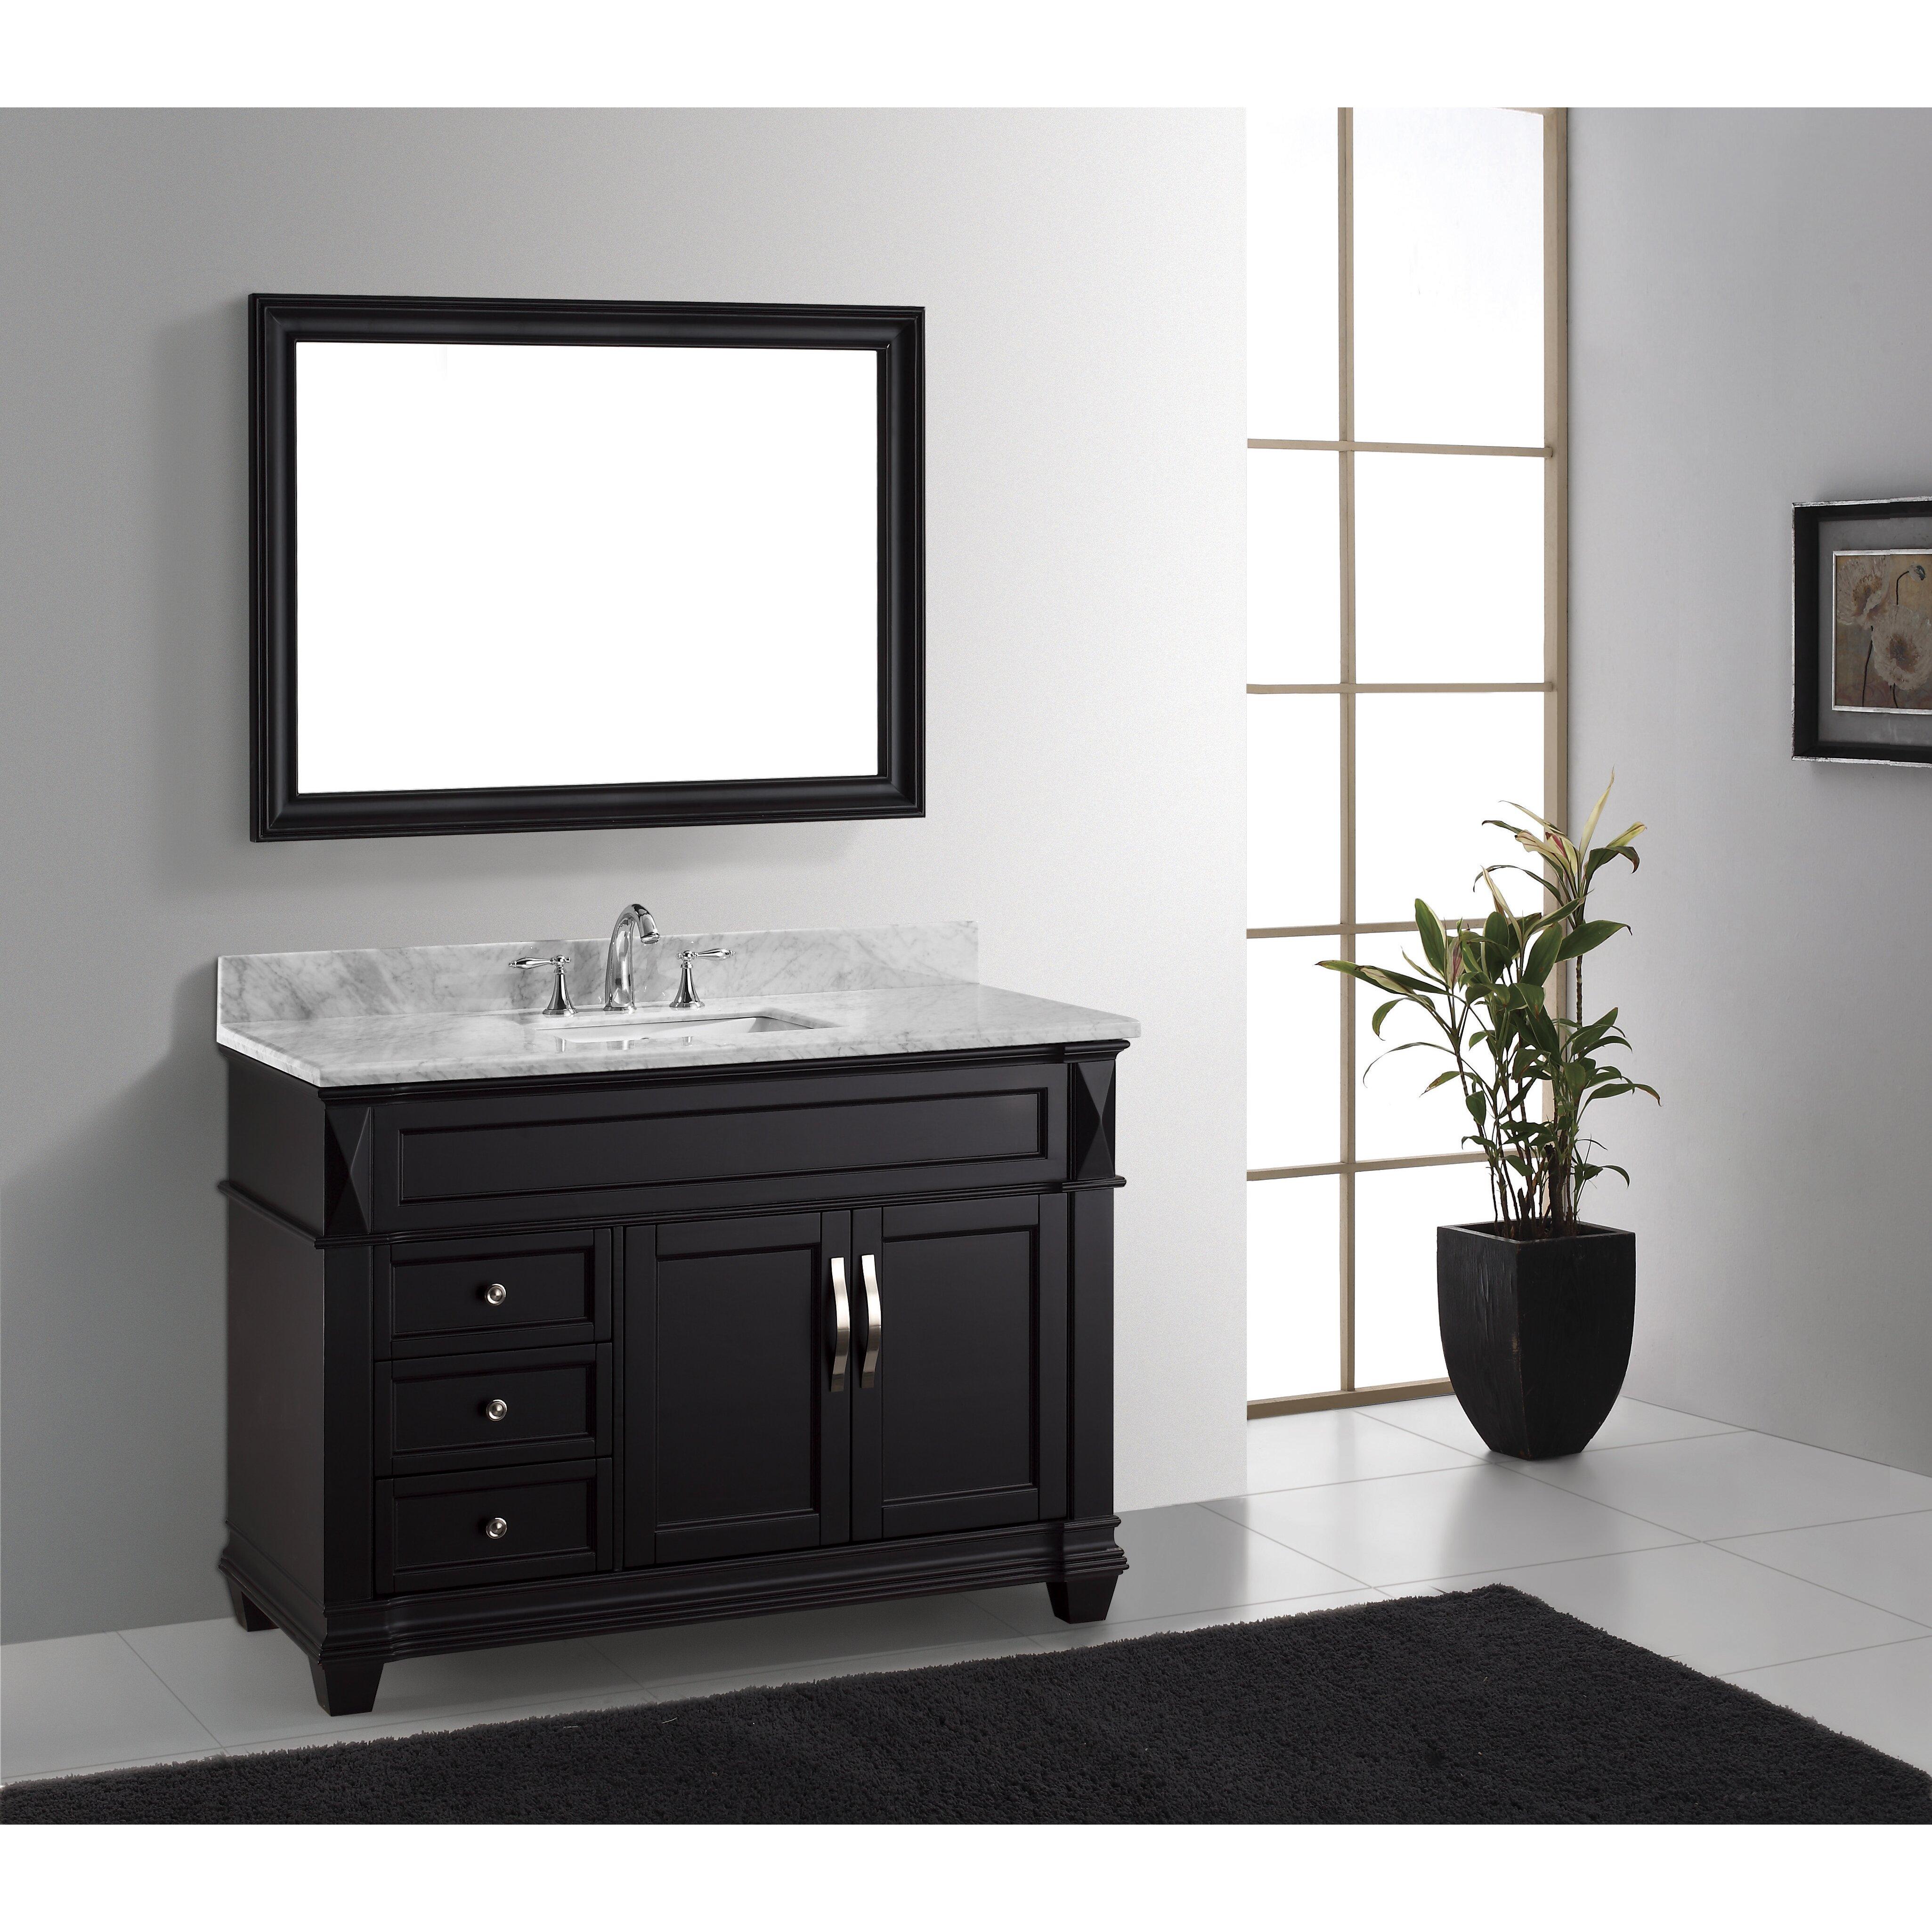 Perfect Home Improvement Bathroom Fixtures  Silkroad Exclusive Part  JYP